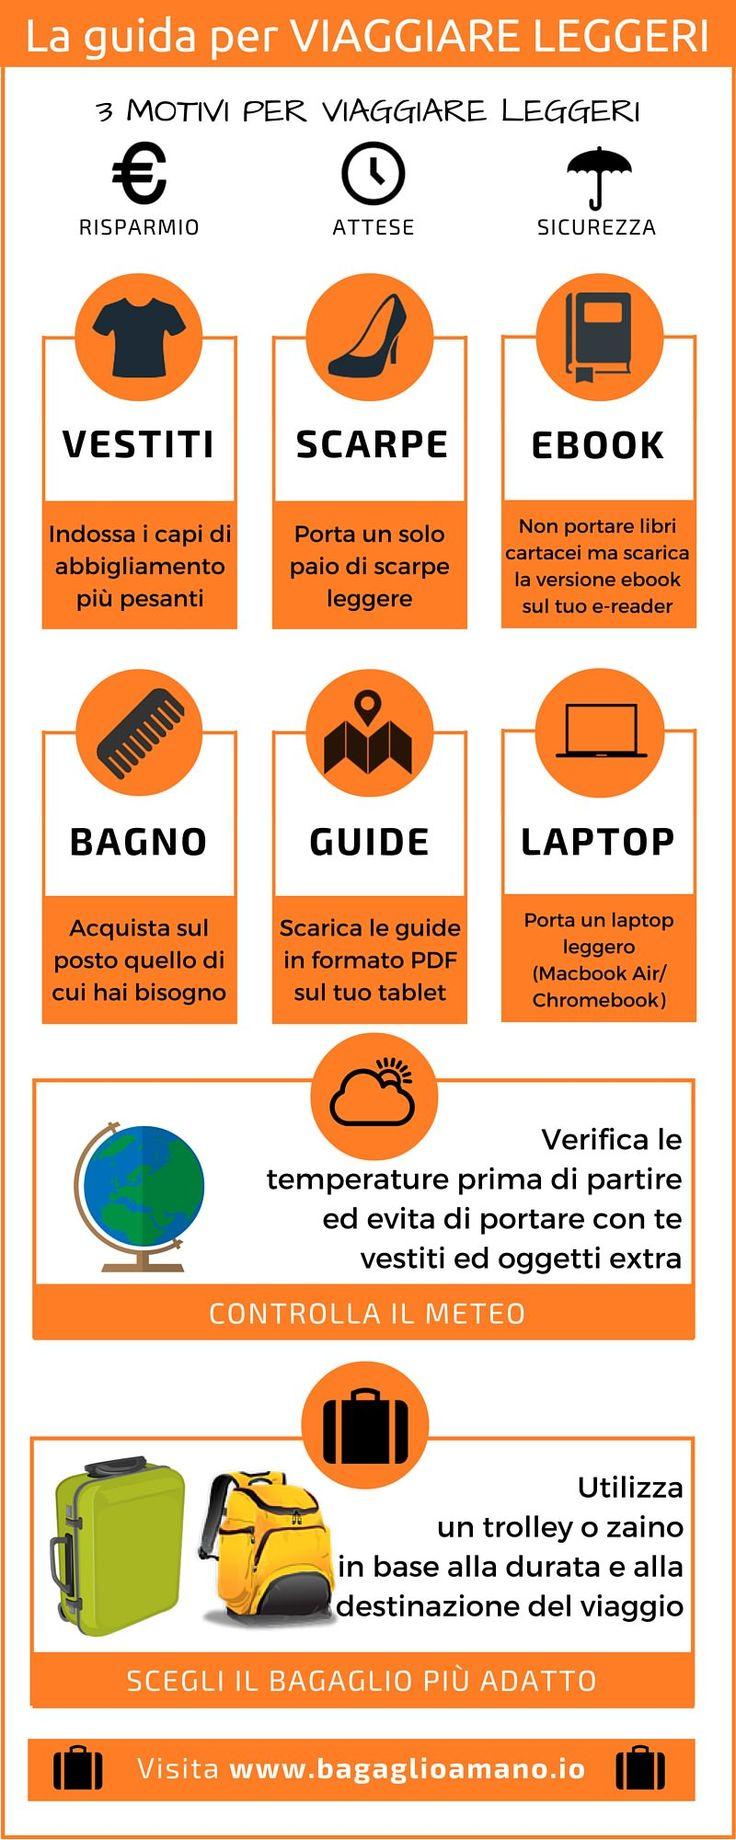 Come fare per viaggiare leggeri? La guida e i consigli per un viaggio minimalista e l'infografica per partire leggero con solo bagaglio a mano.